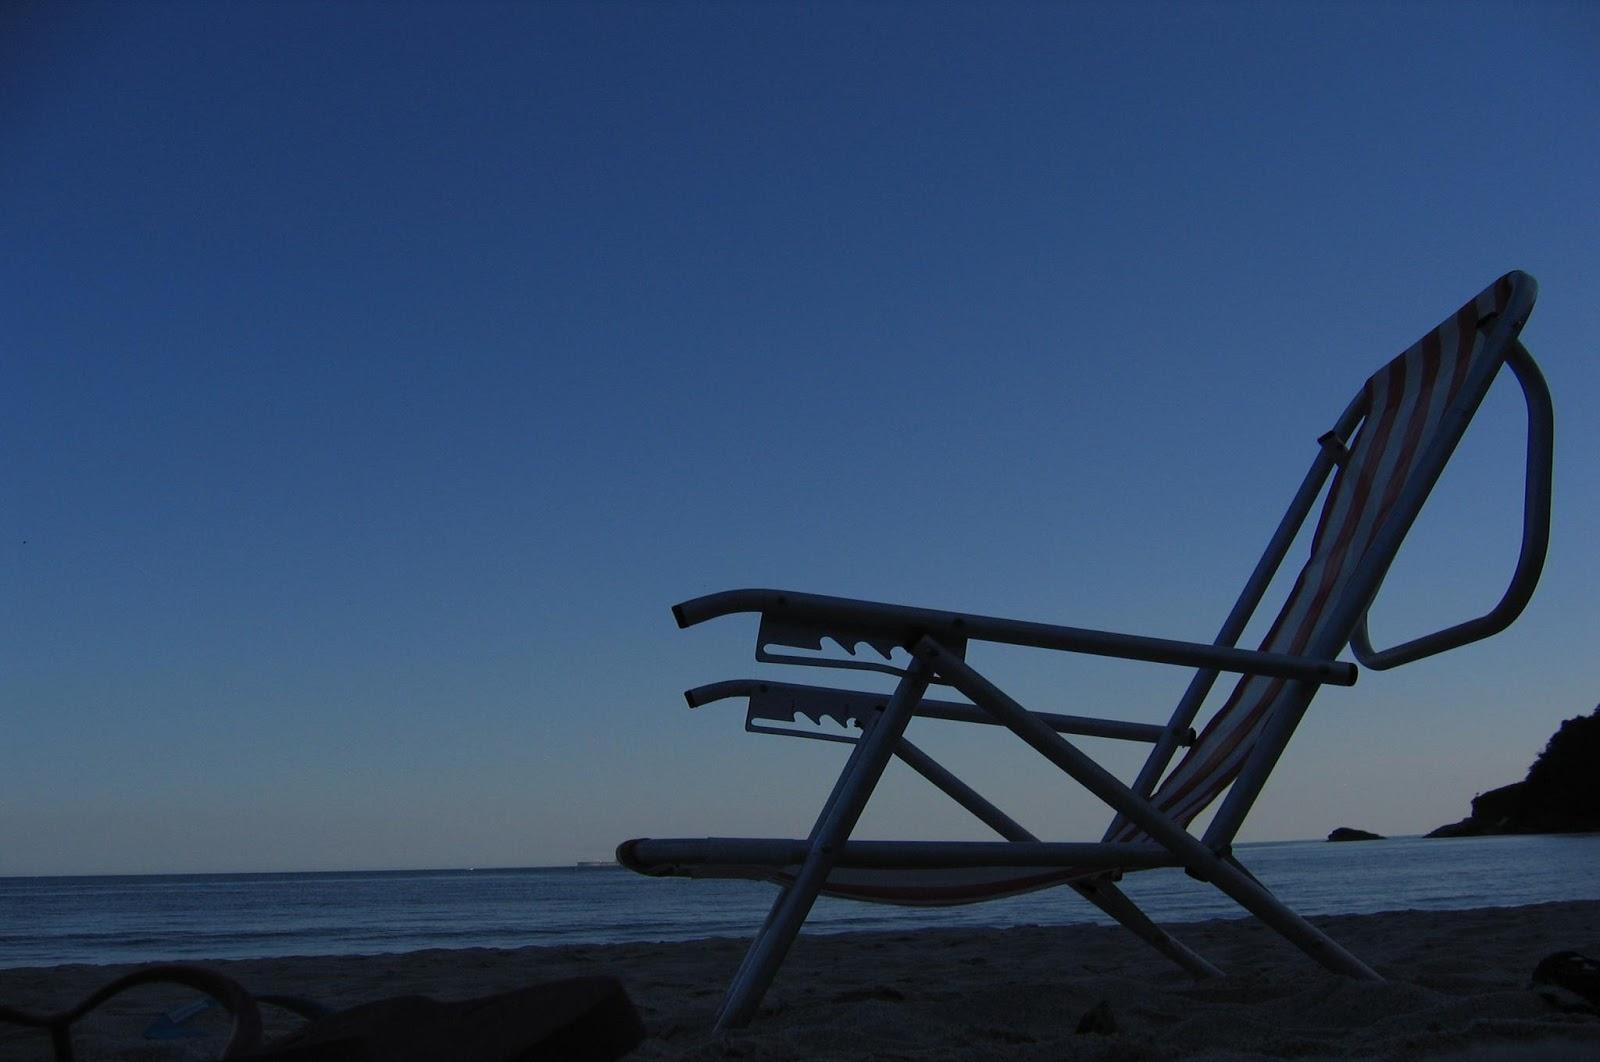 Puentes de papel la silla vac a - La silla vacia ...